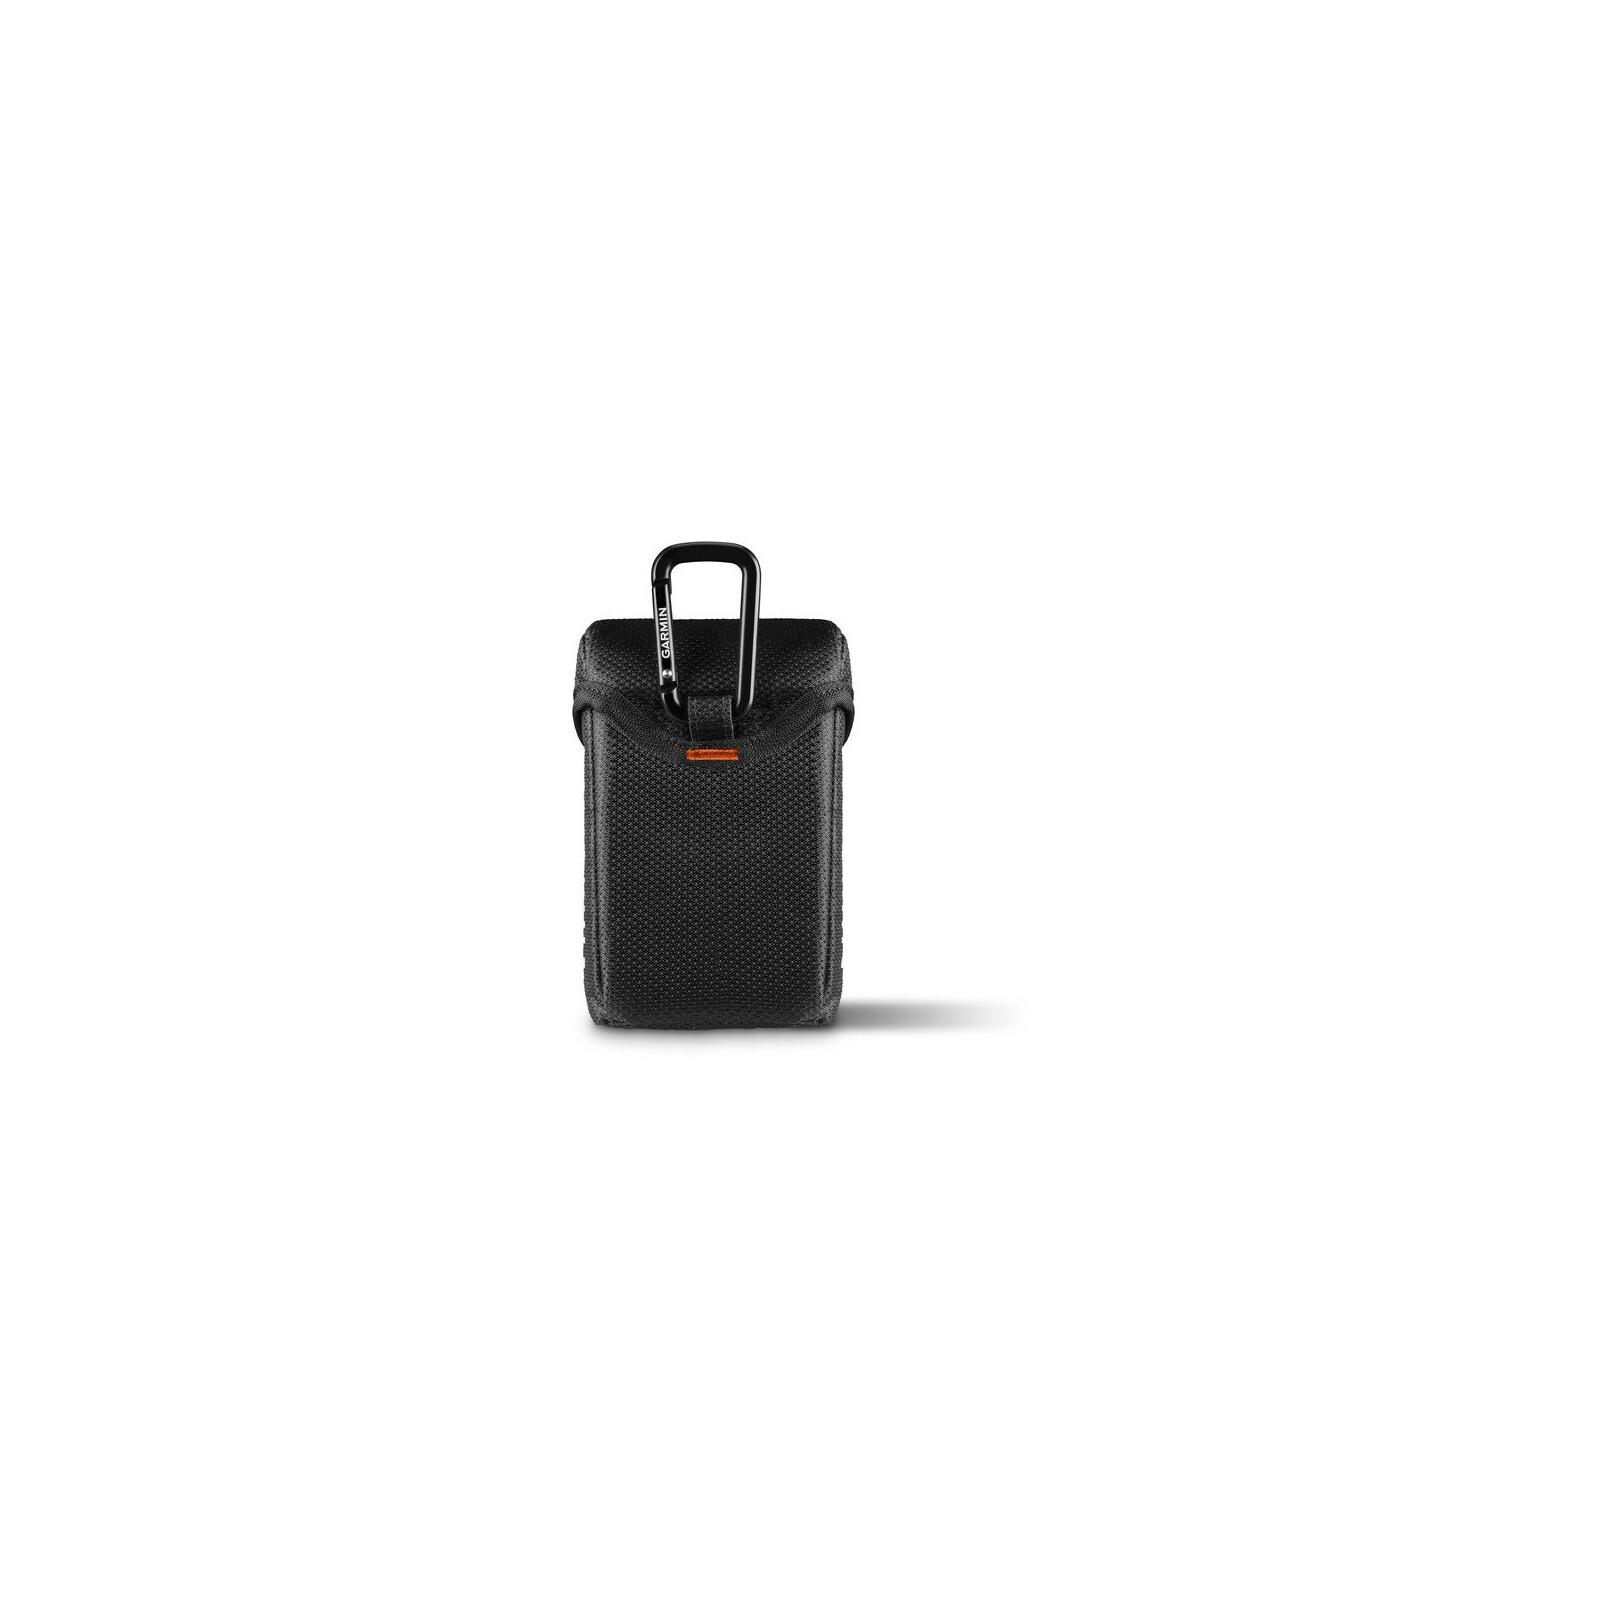 Garmin Montana 6xx Carry Case